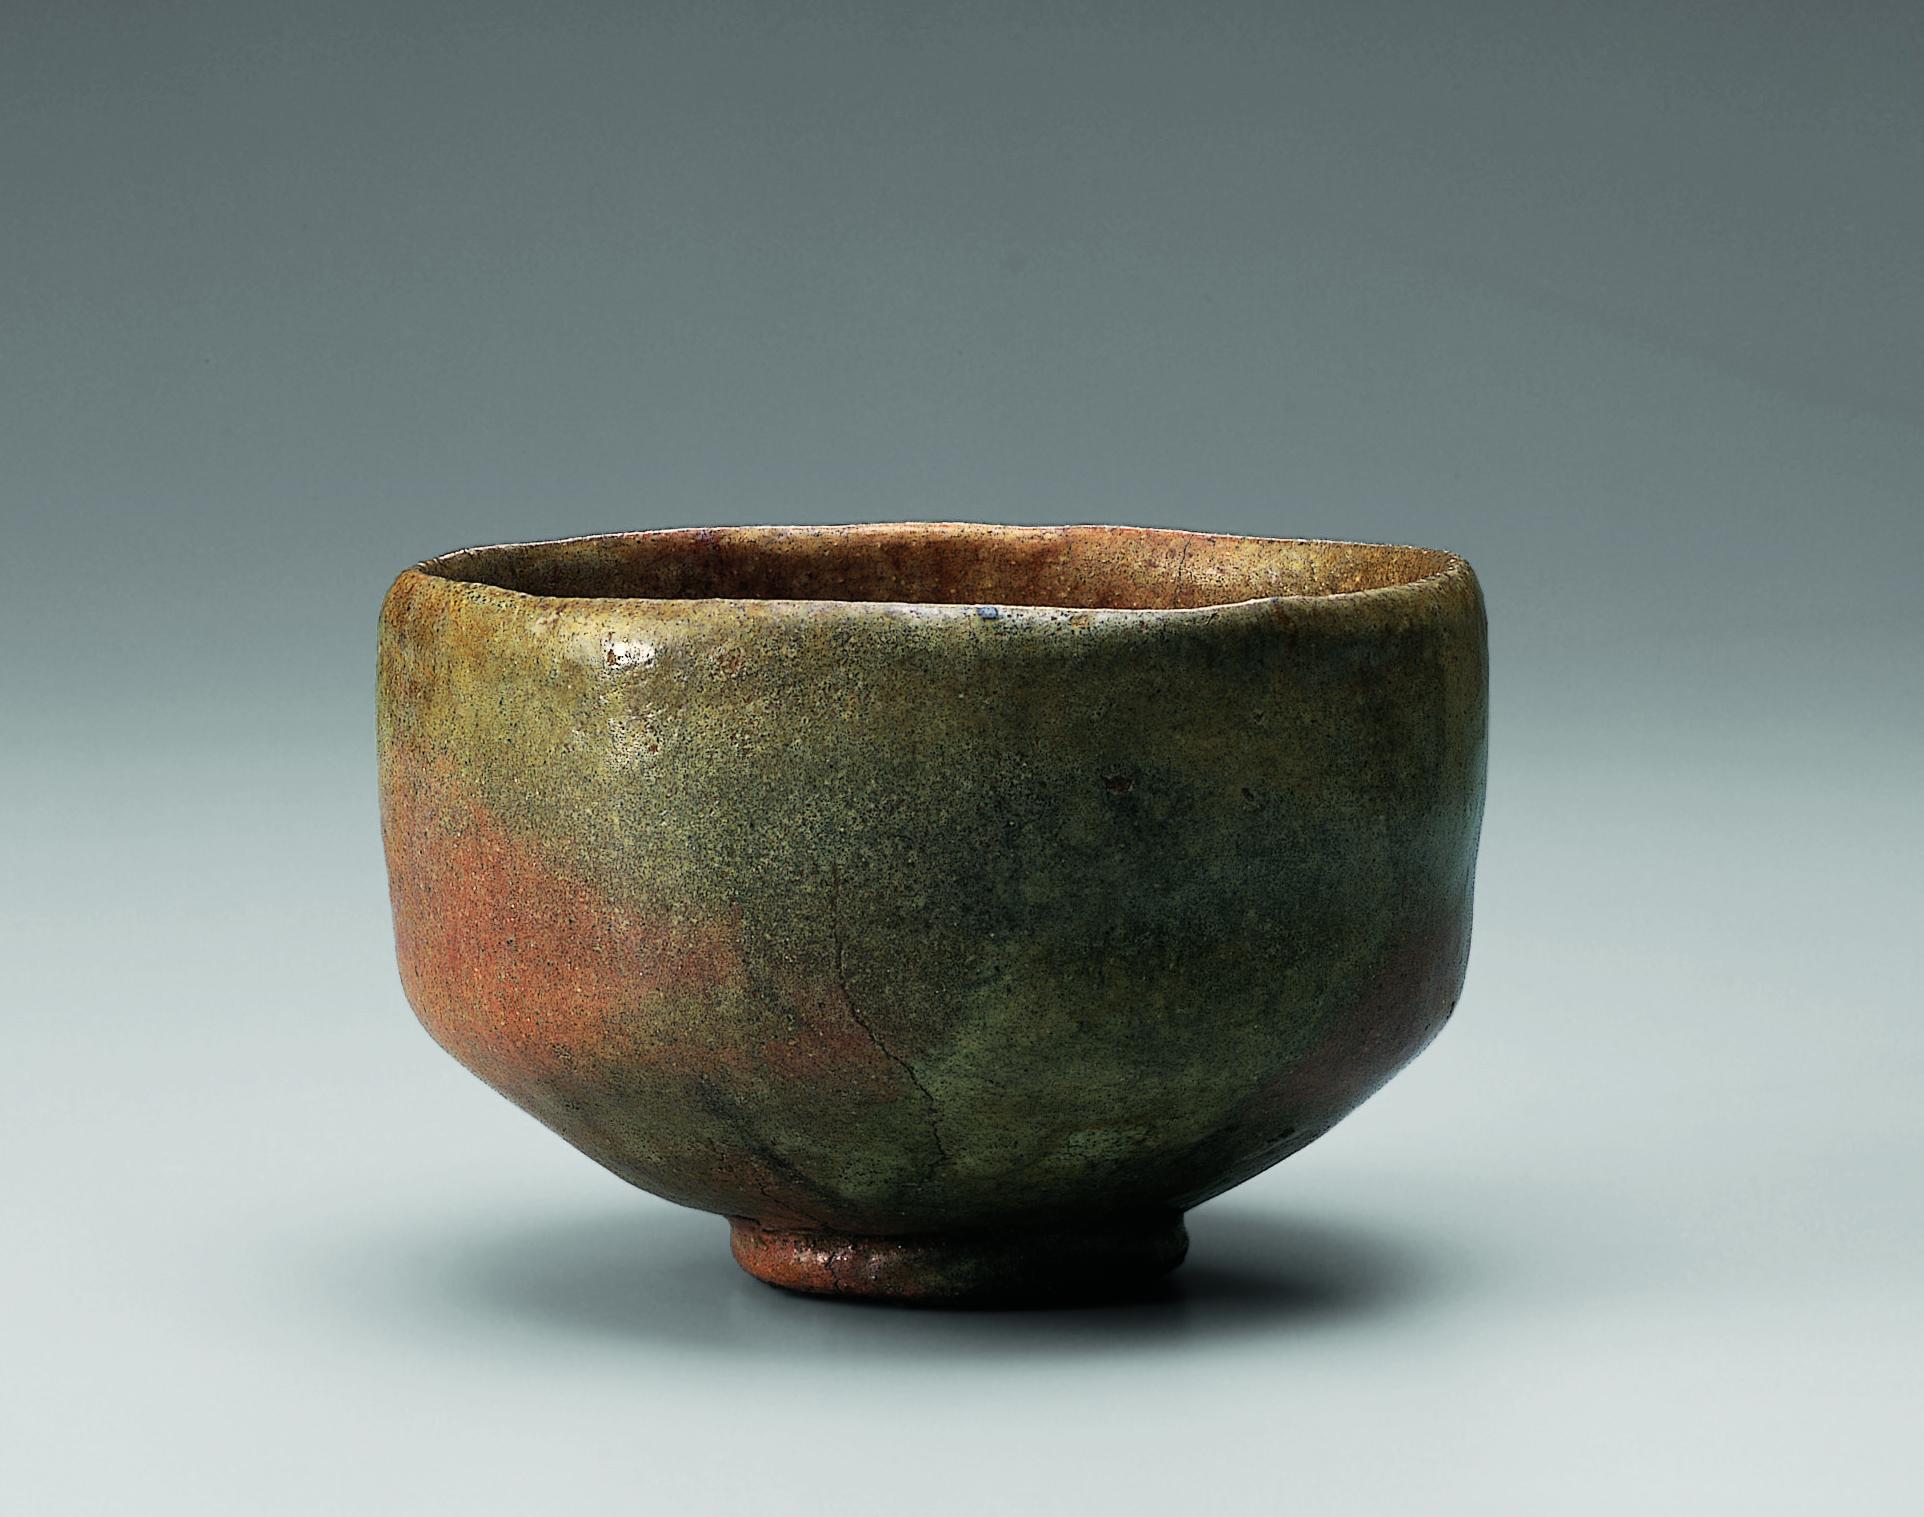 初代 長次郎 赤樂茶碗 銘 一文字 桃山時代(十六世紀) 個人蔵 【東京会場は会期中展示替えがあります】